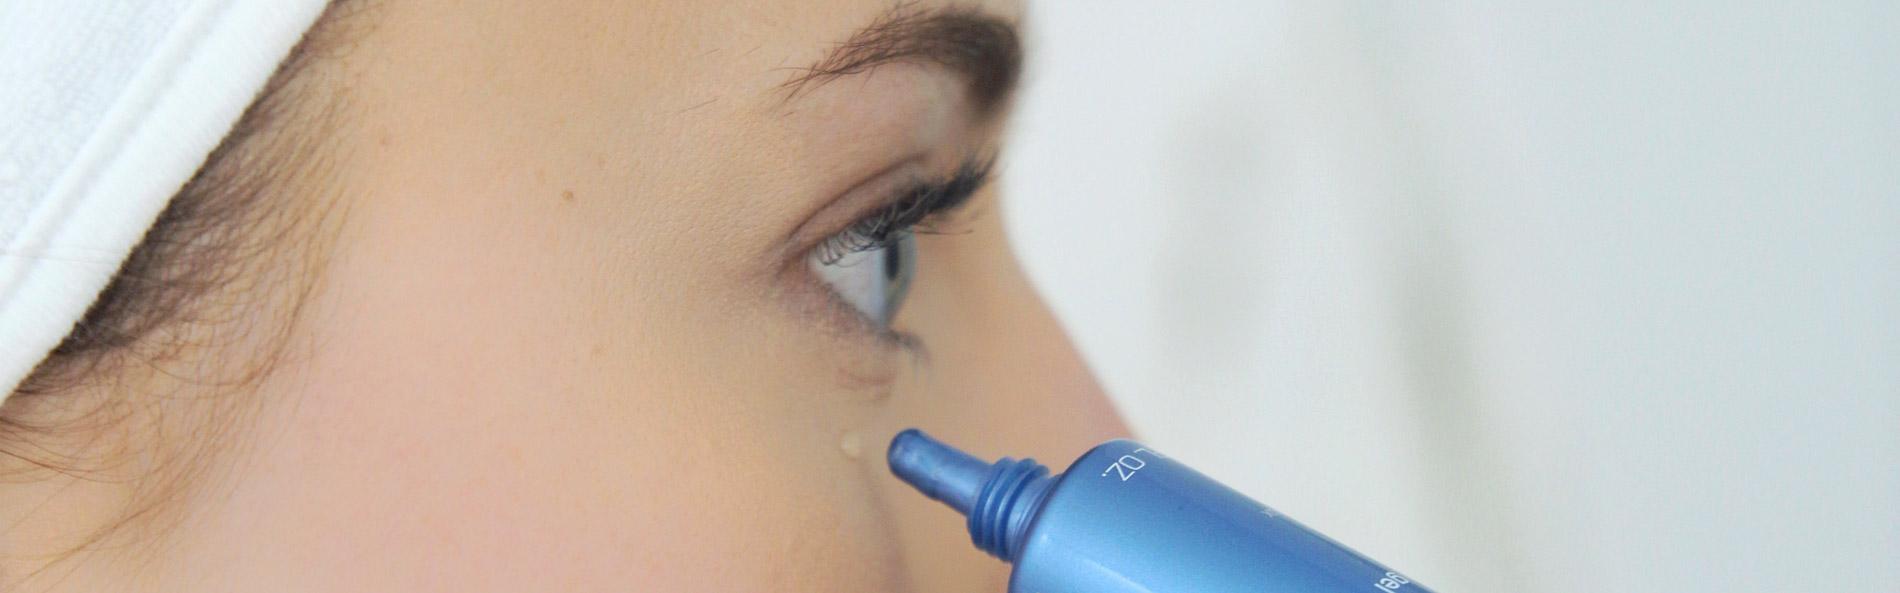 WELLMAXX Augenpflege